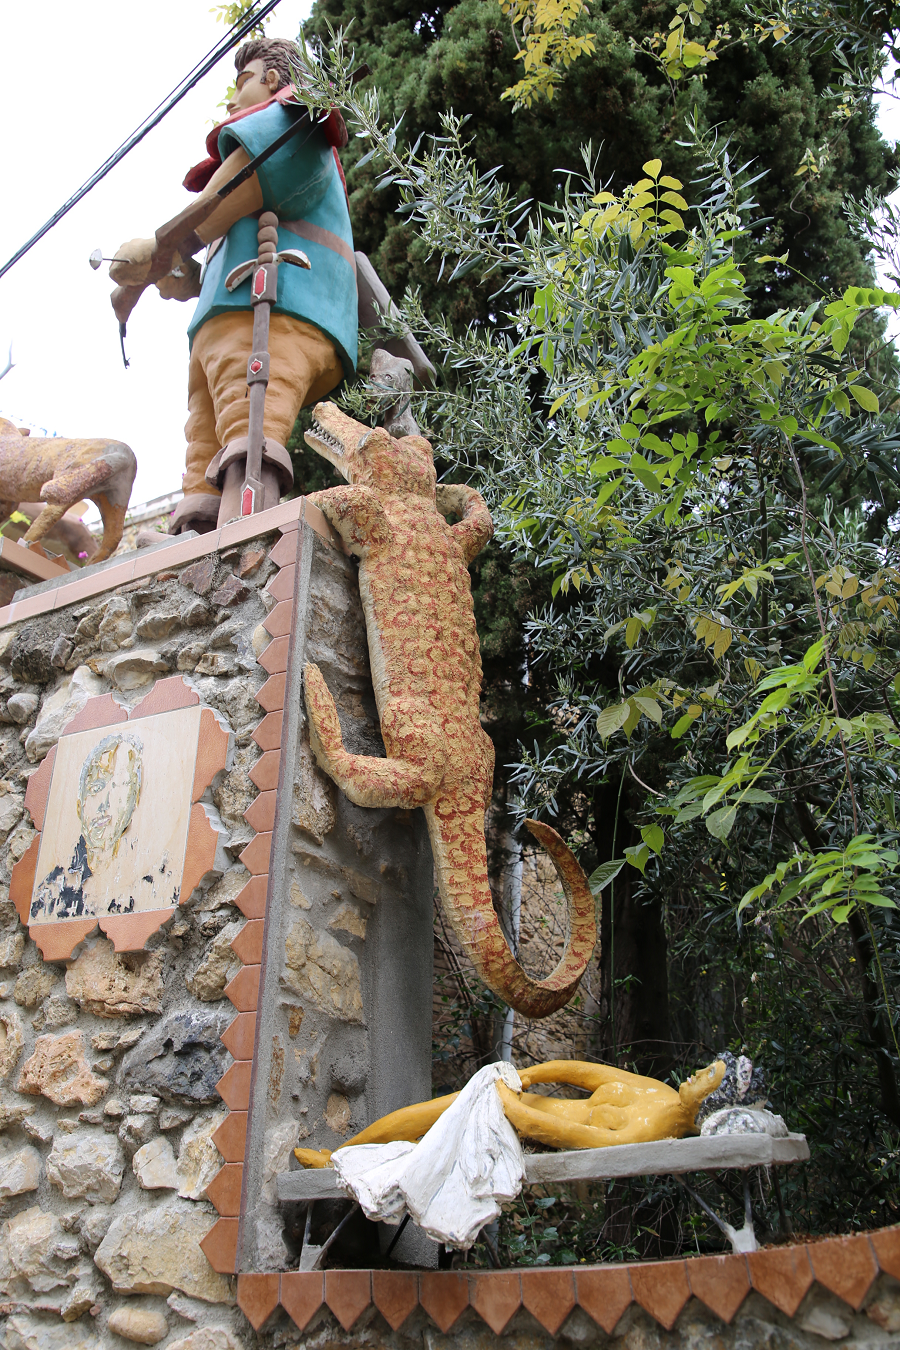 Дом художника с барельефами, улица Мурайя, Льерс, Каталония